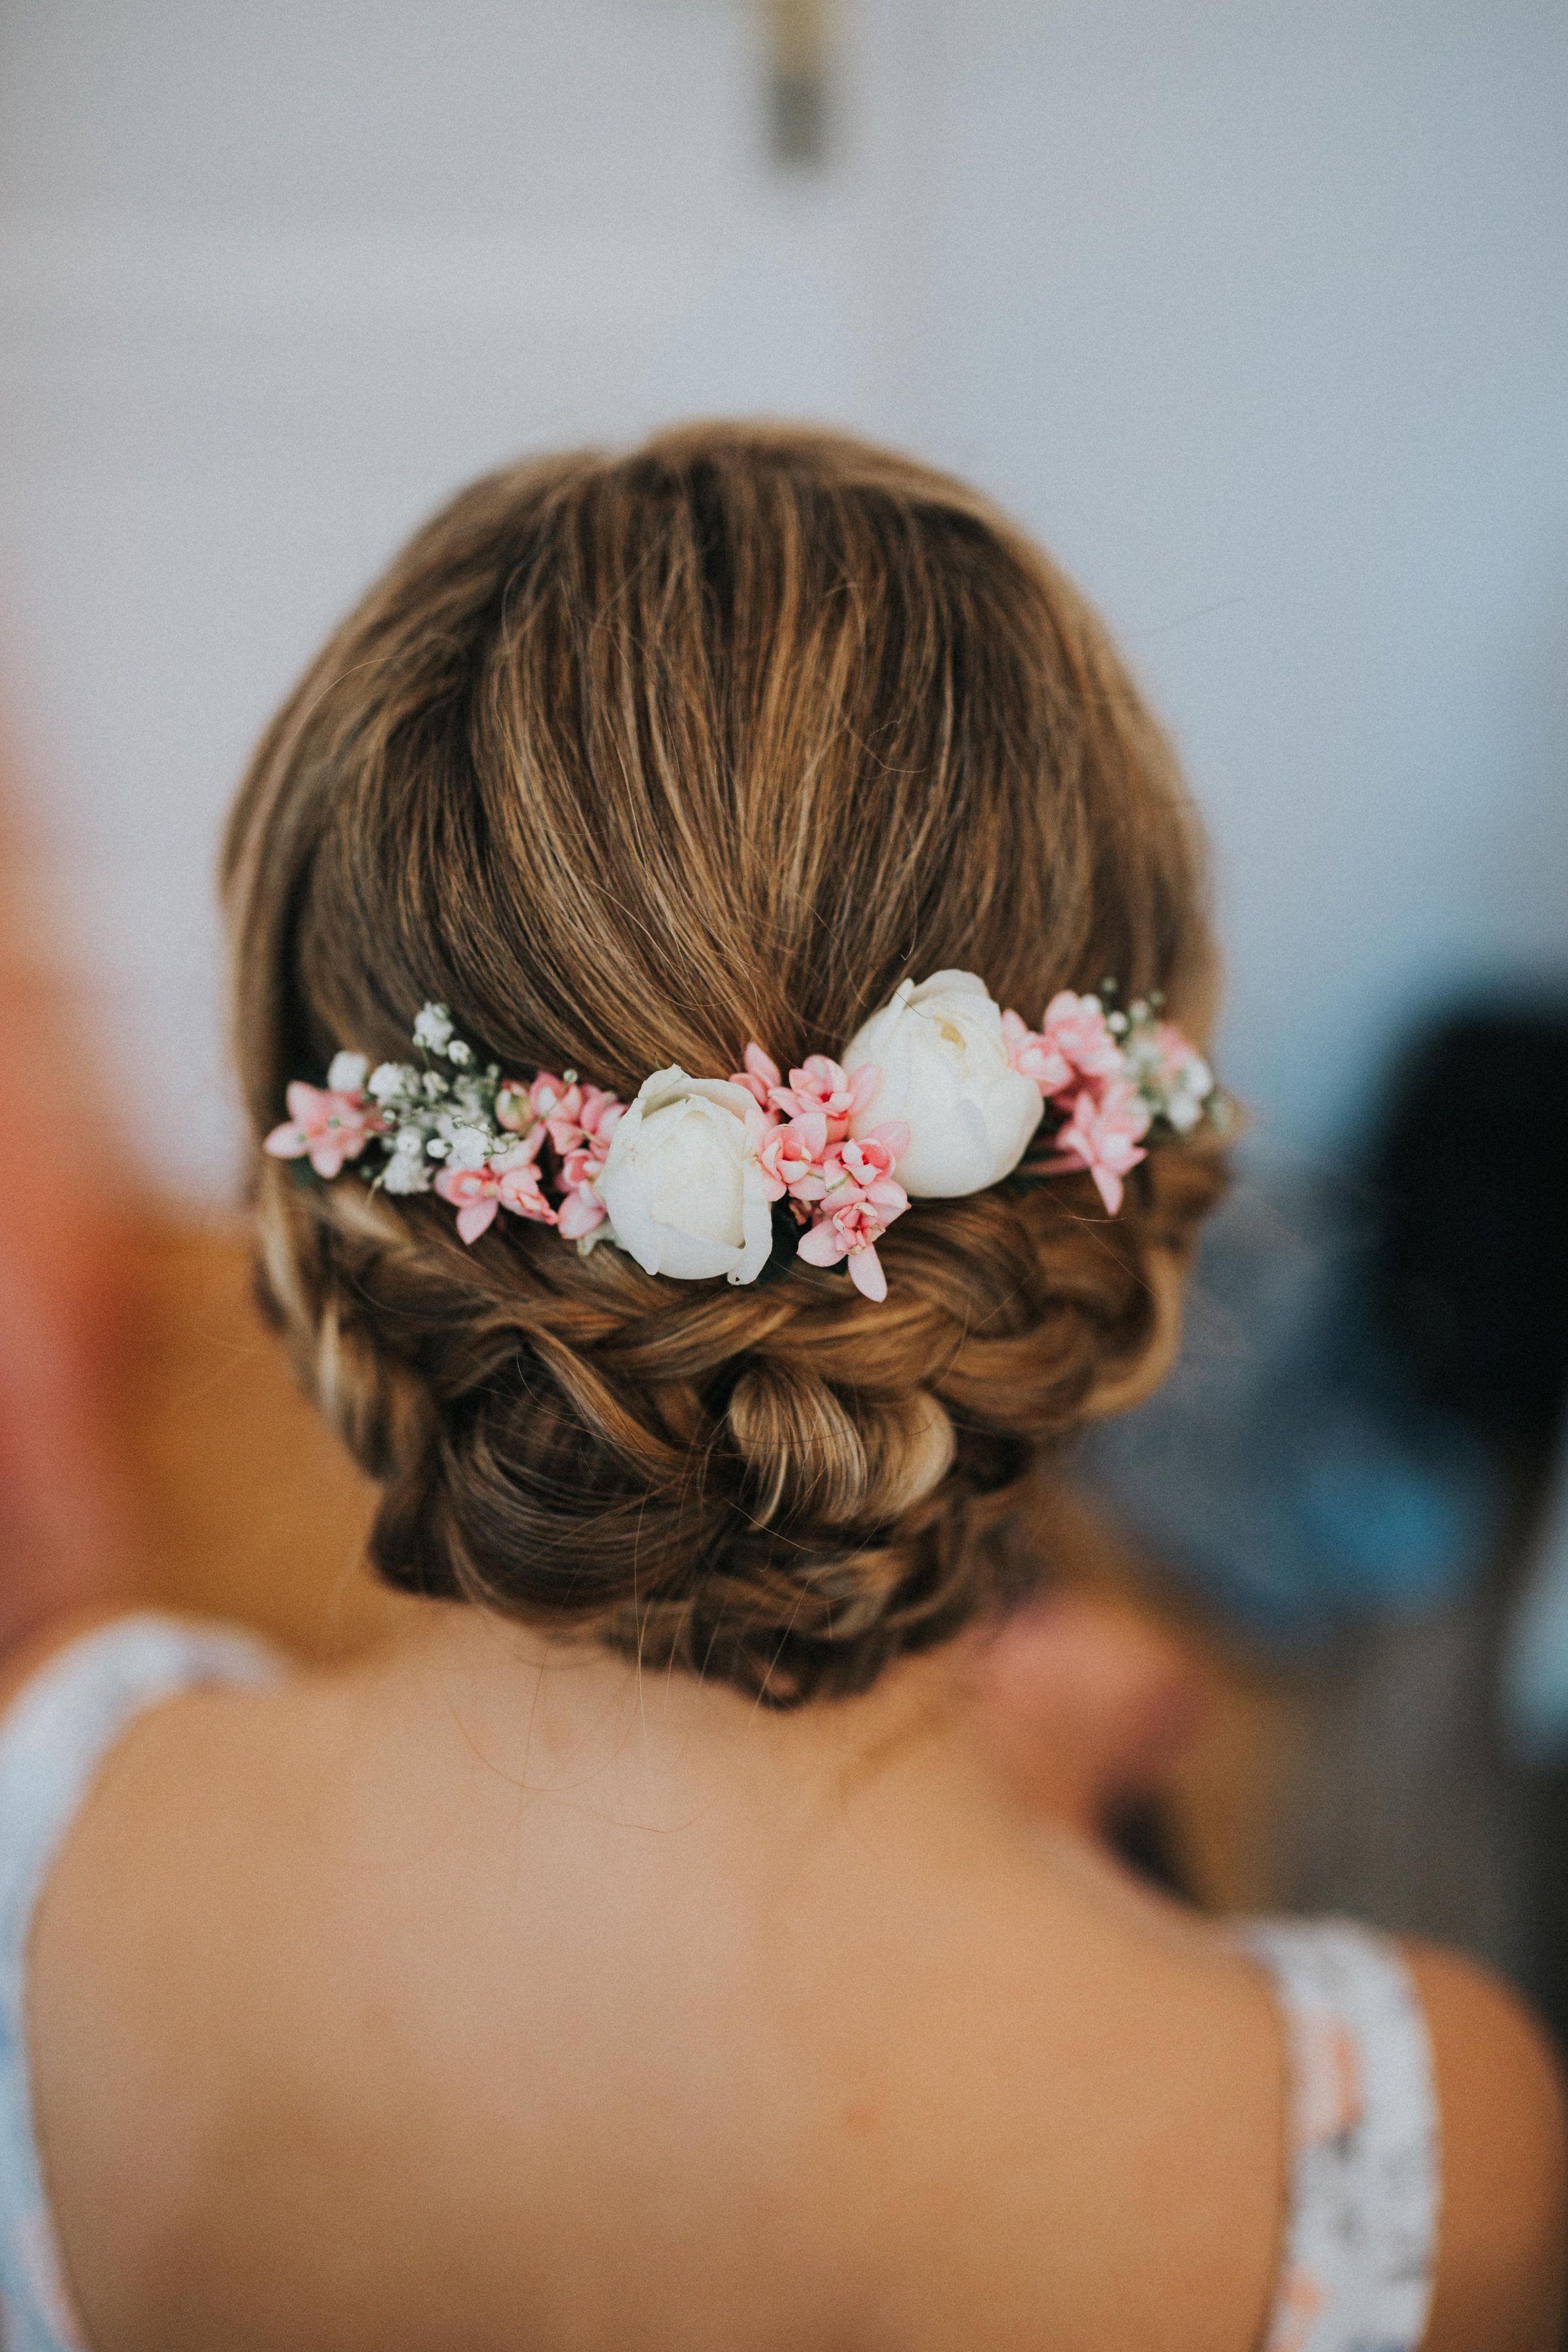 Frisuren Mit Blumen  Brautfrisur Hochzeitsfrisur Hochsteckfrisur mit echten